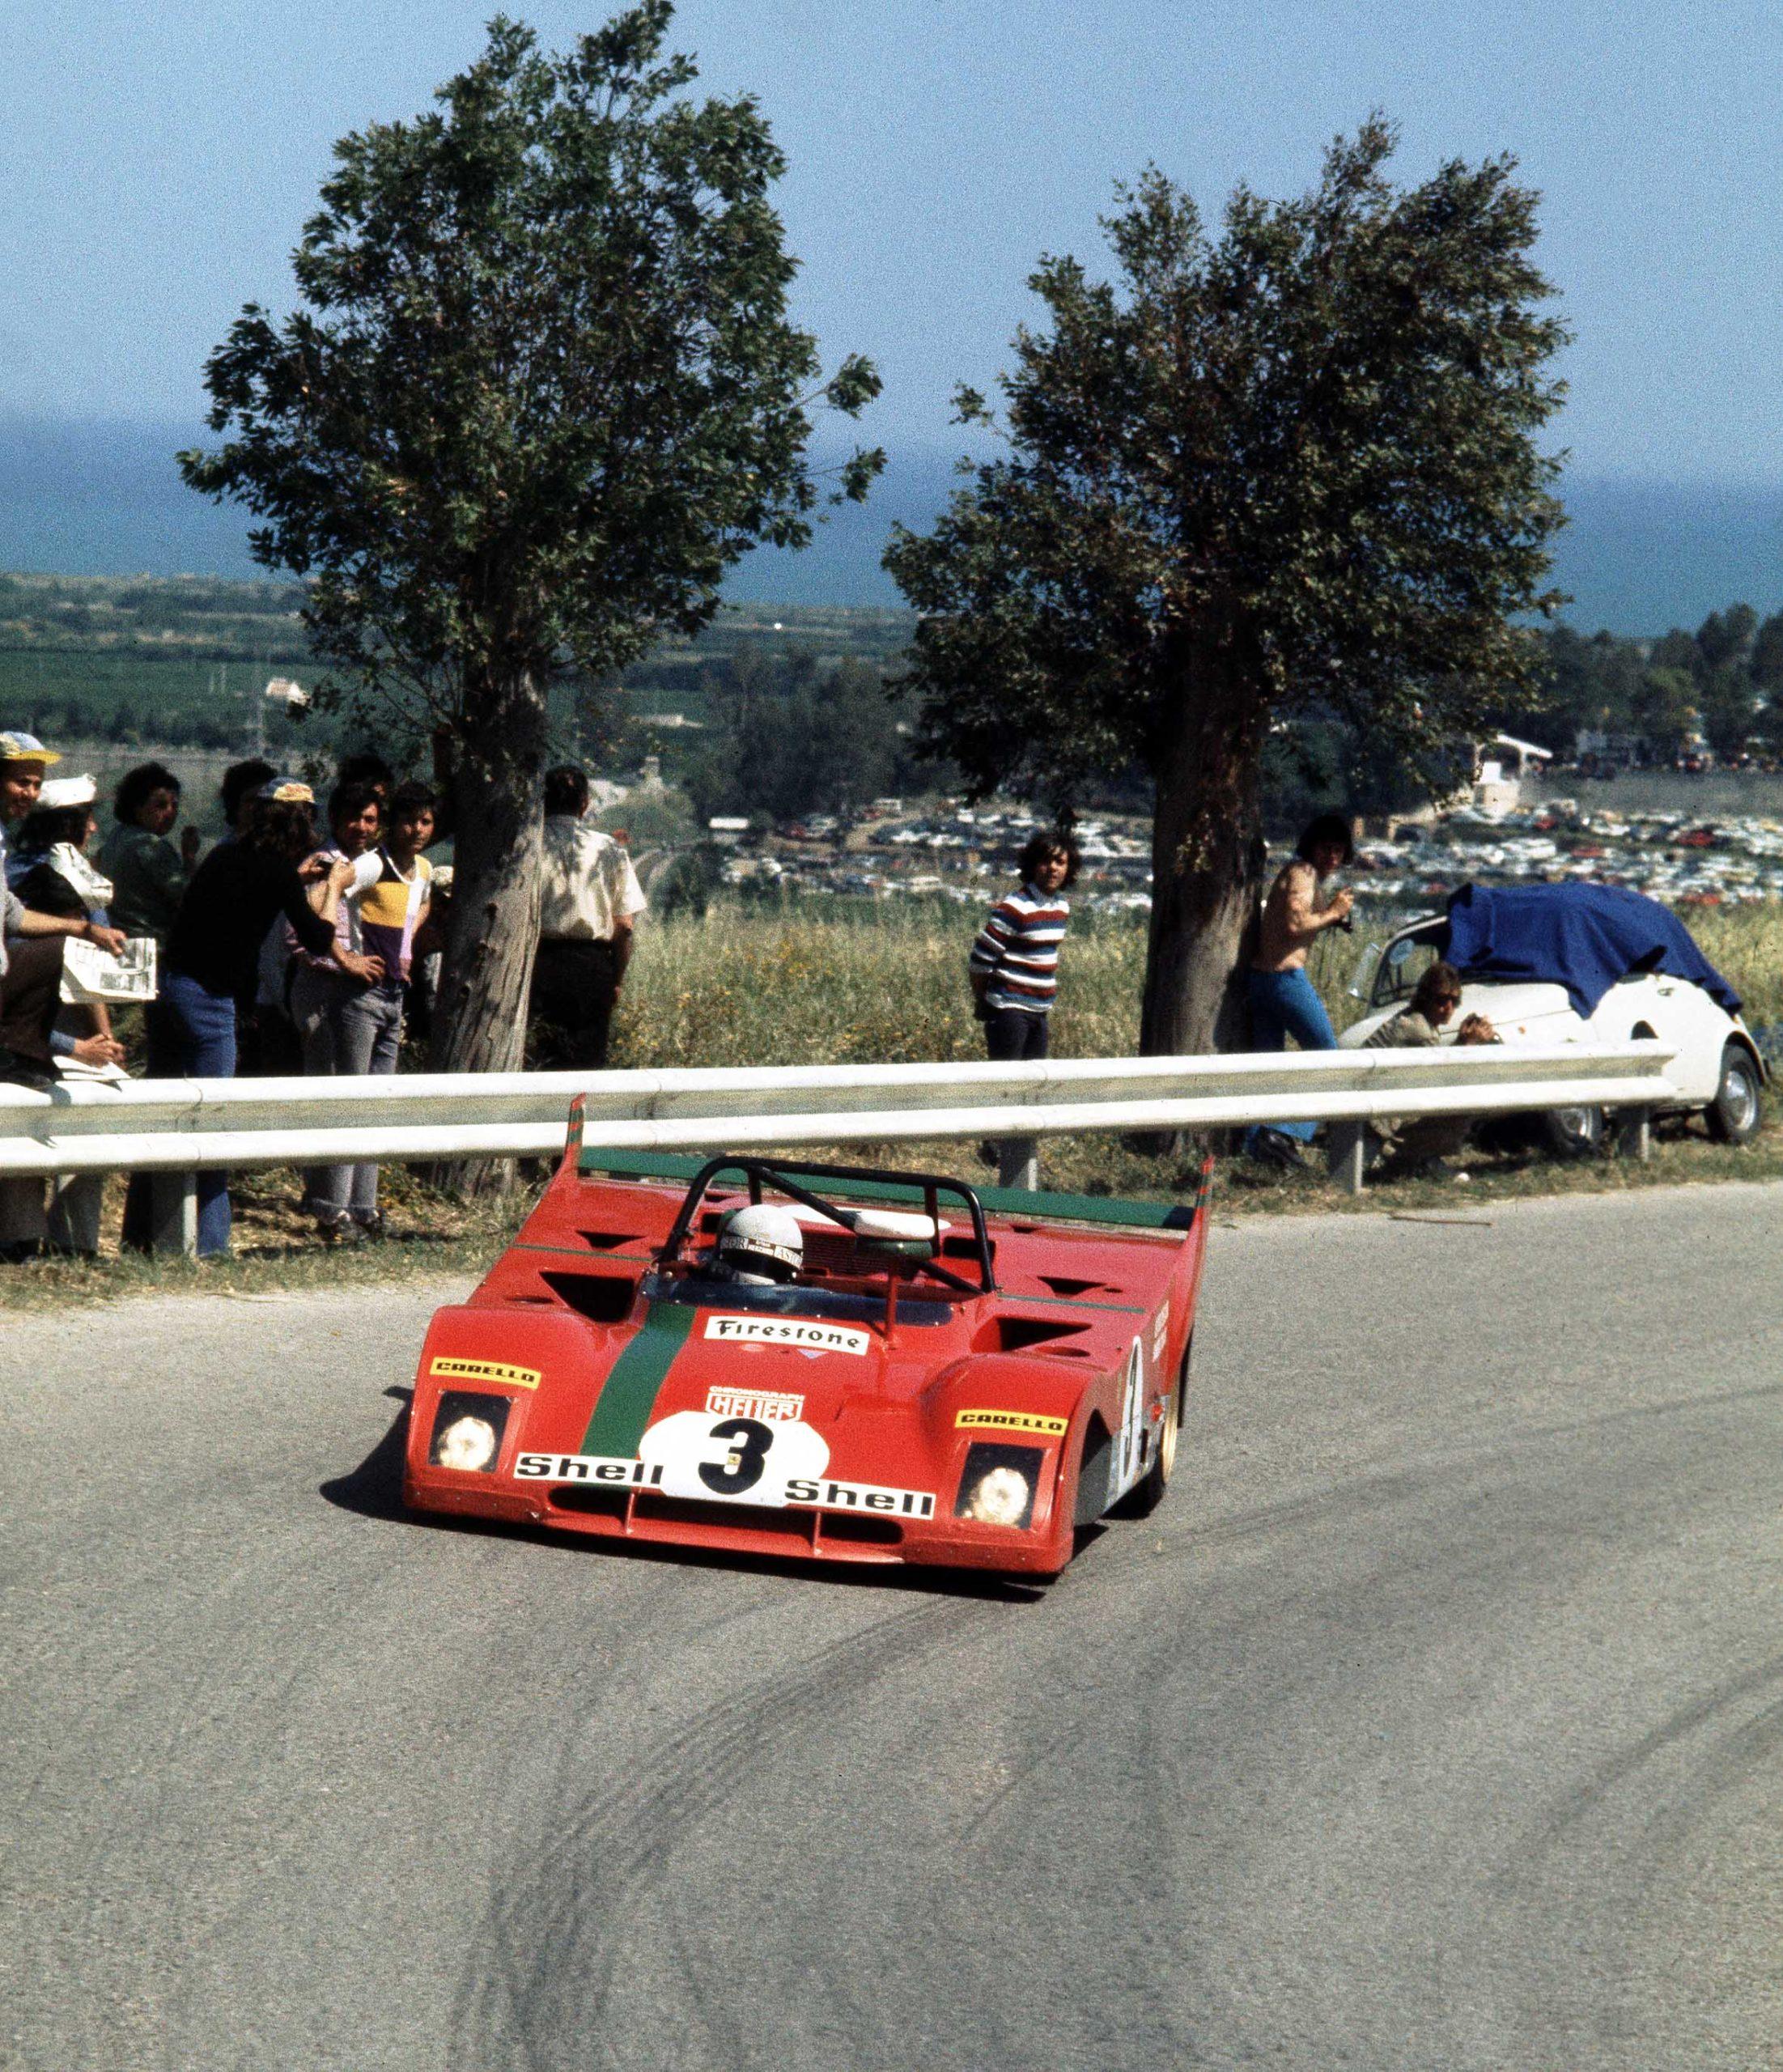 Arturo-Merzario-in-his-Ferrari-312PB-during-the-1972-Targa-Florio